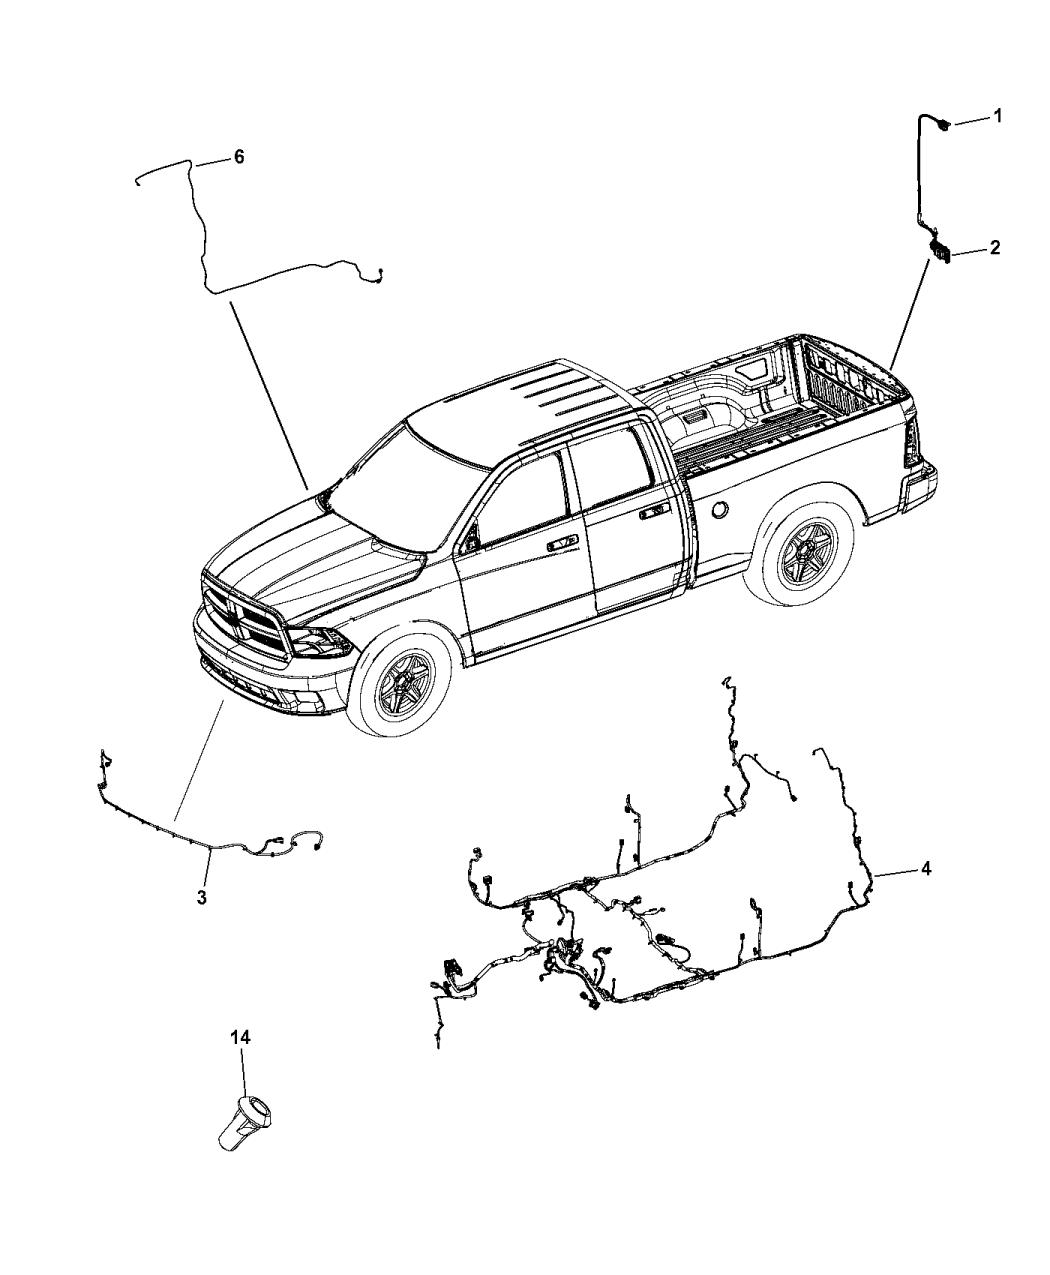 2015 Ram 1500 Wiring - Body